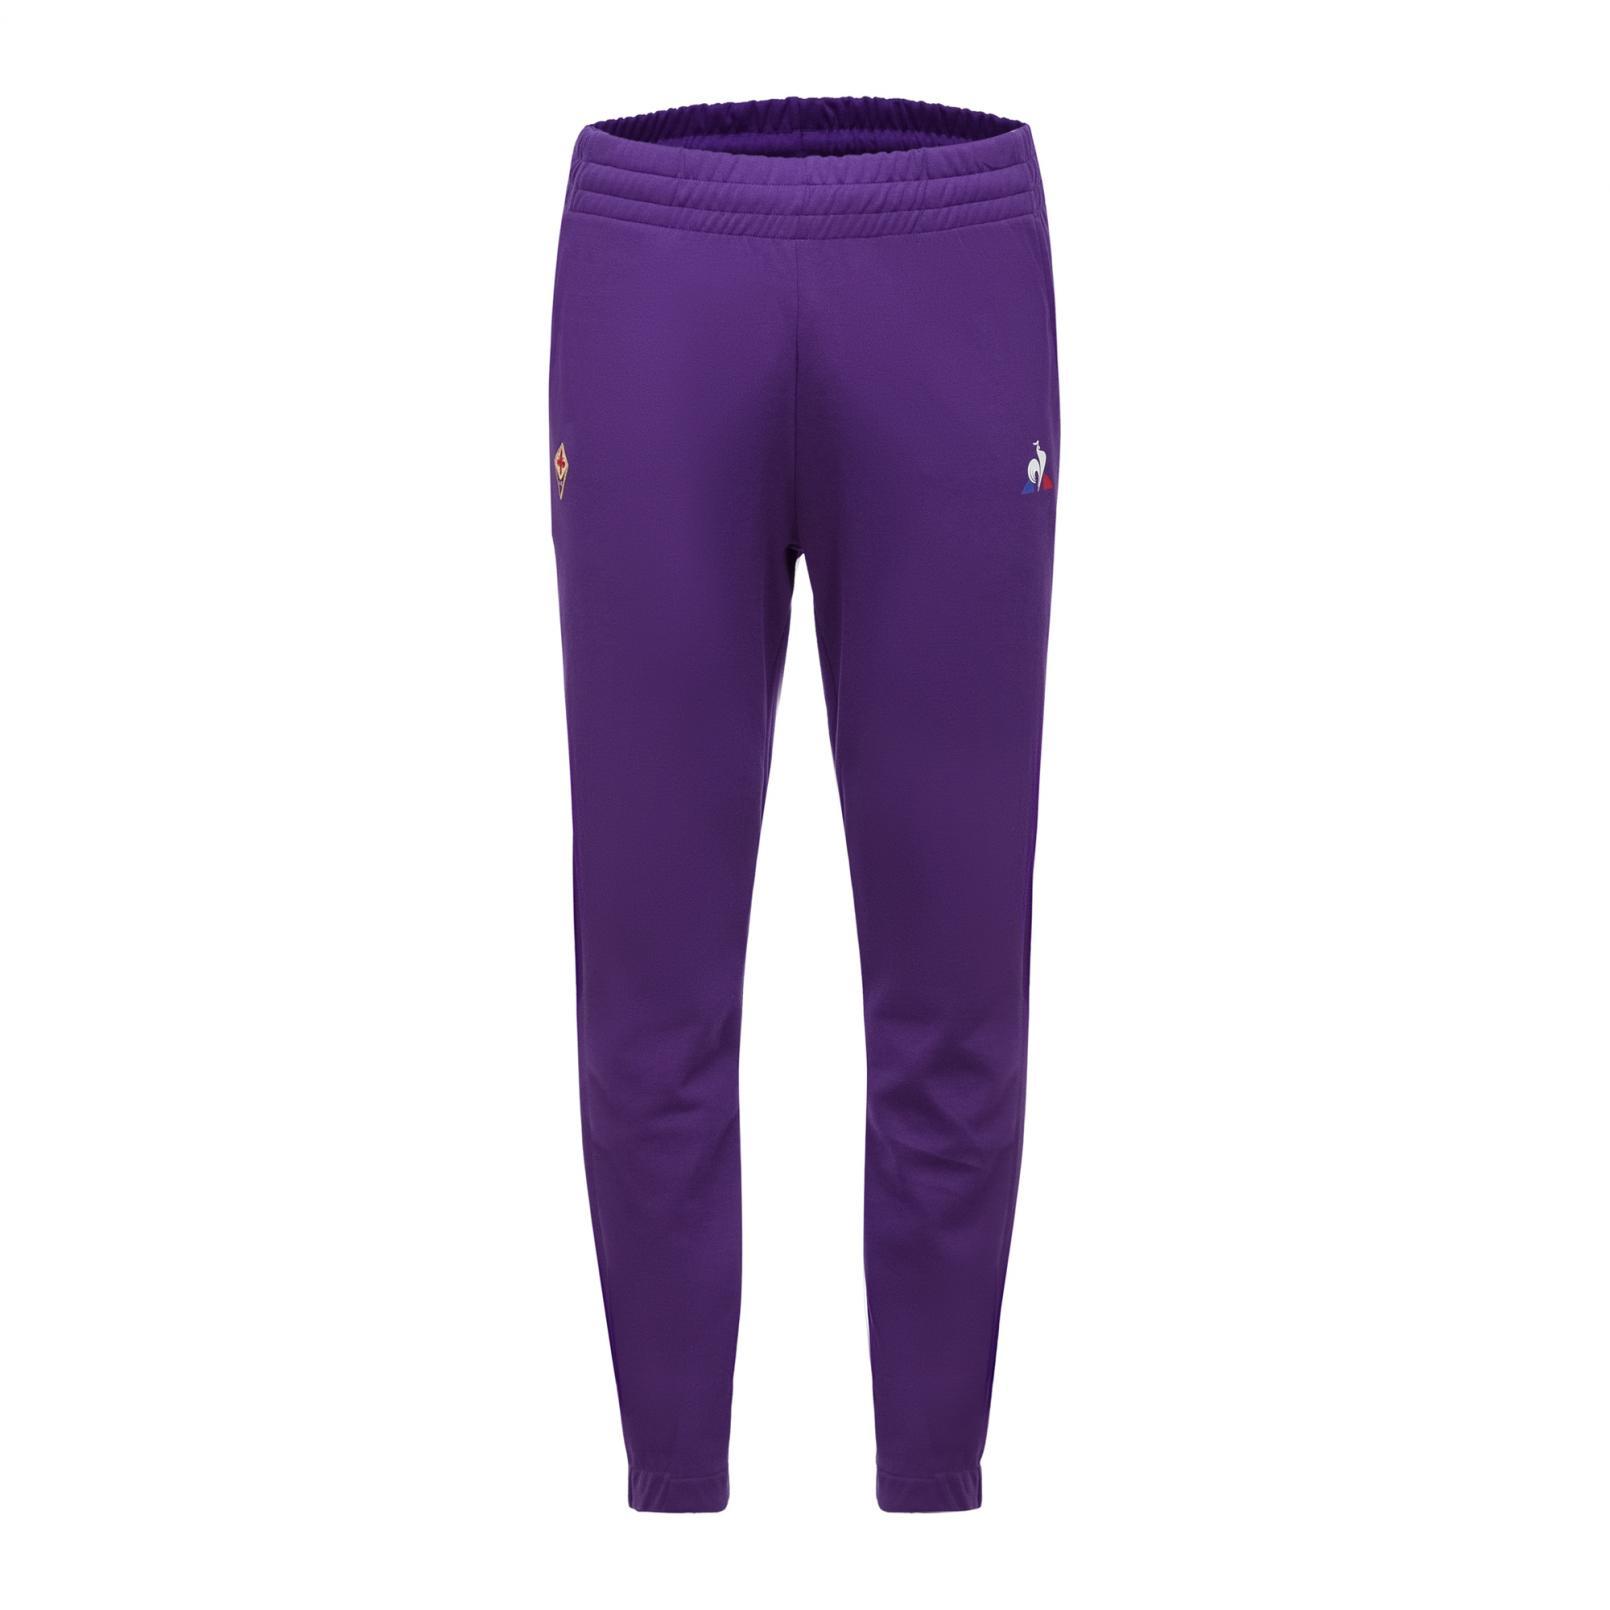 Pants – Le Coq Sportif Fiorentina Pres Pant Purple